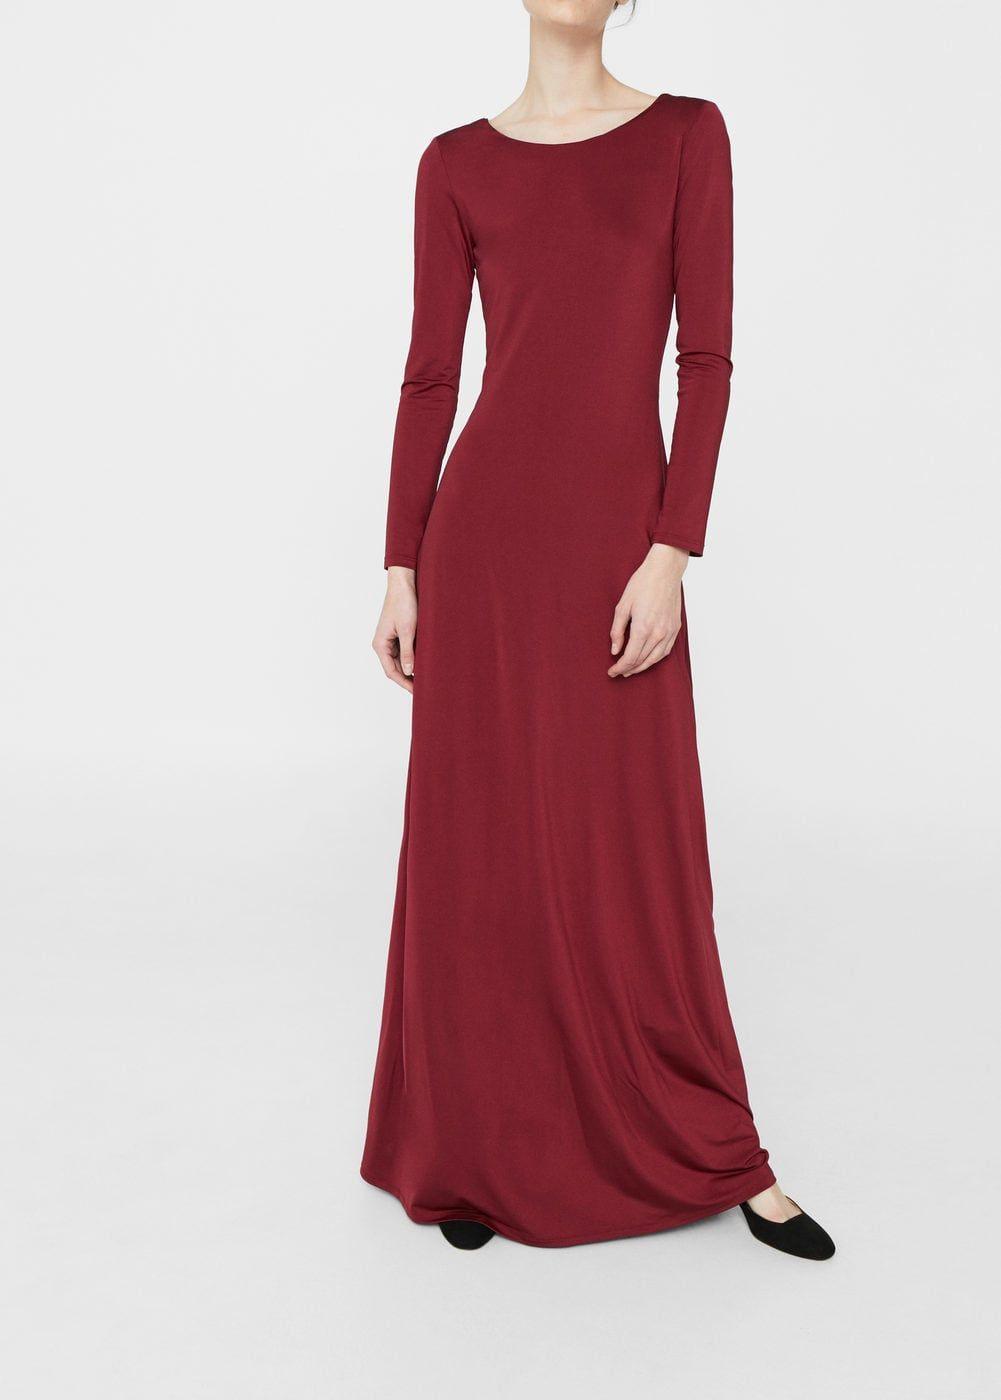 Langes Fließendes Kleid  F Fülange Kleider Damen  Robe